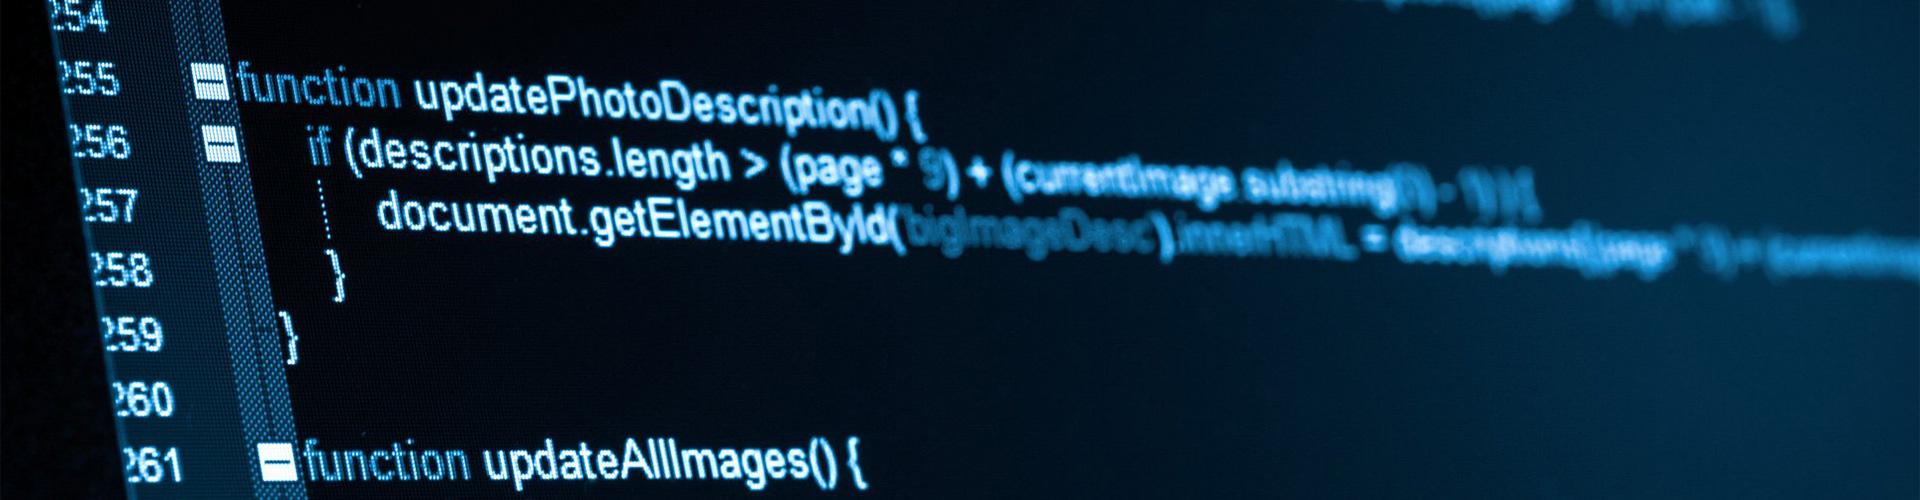 ما هو الكود النظيف وكيف تبرمج موقع ويب بأكواد نظيفة؟